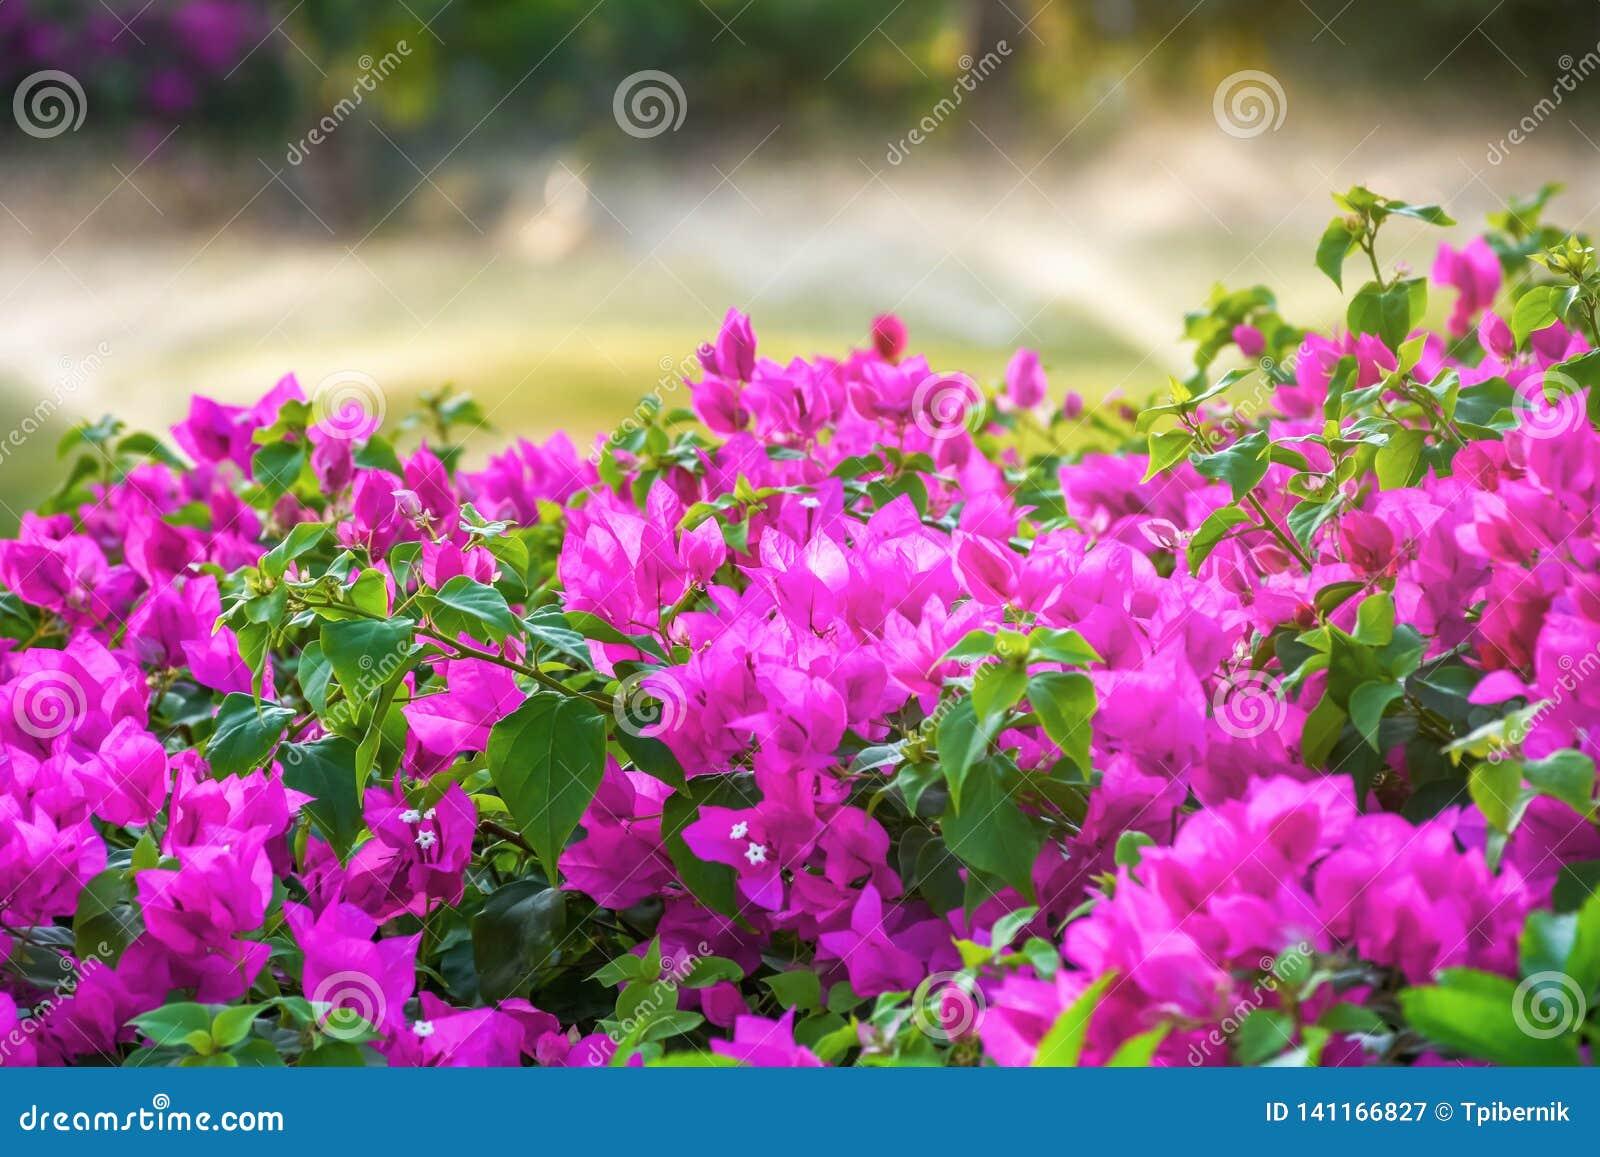 Belle fleur rose de fleur avec de l eau irriguer et arrosant l herbe